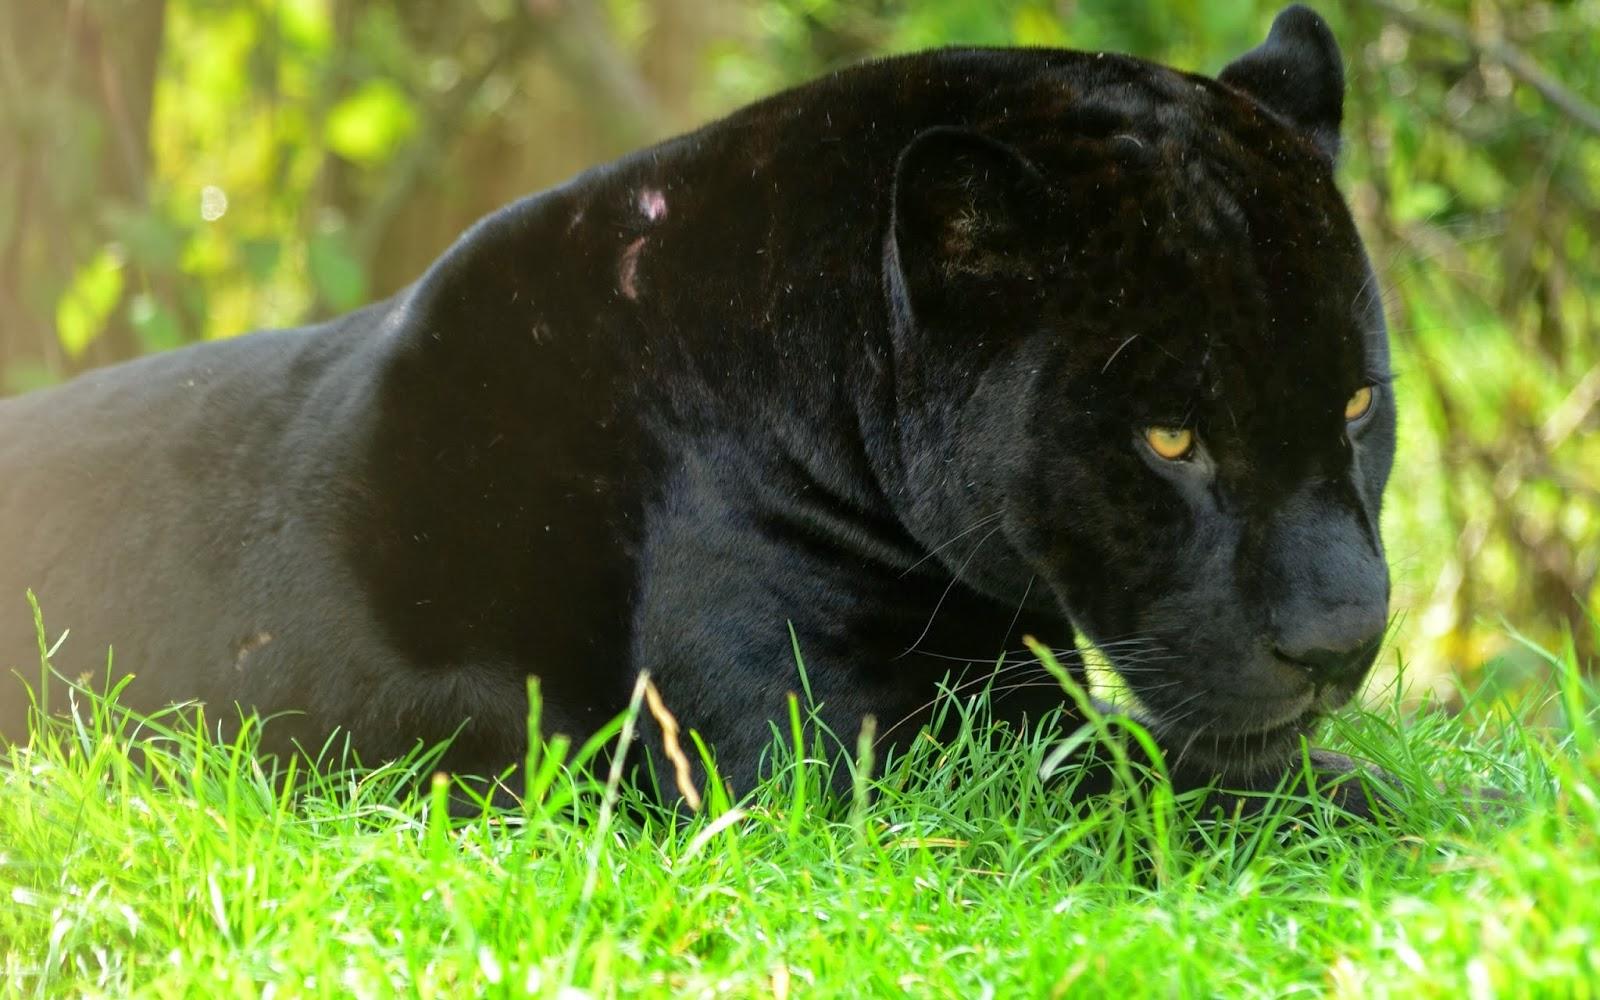 Black Panther HD Wallpapers black panther wild animal wild black 1600x1000